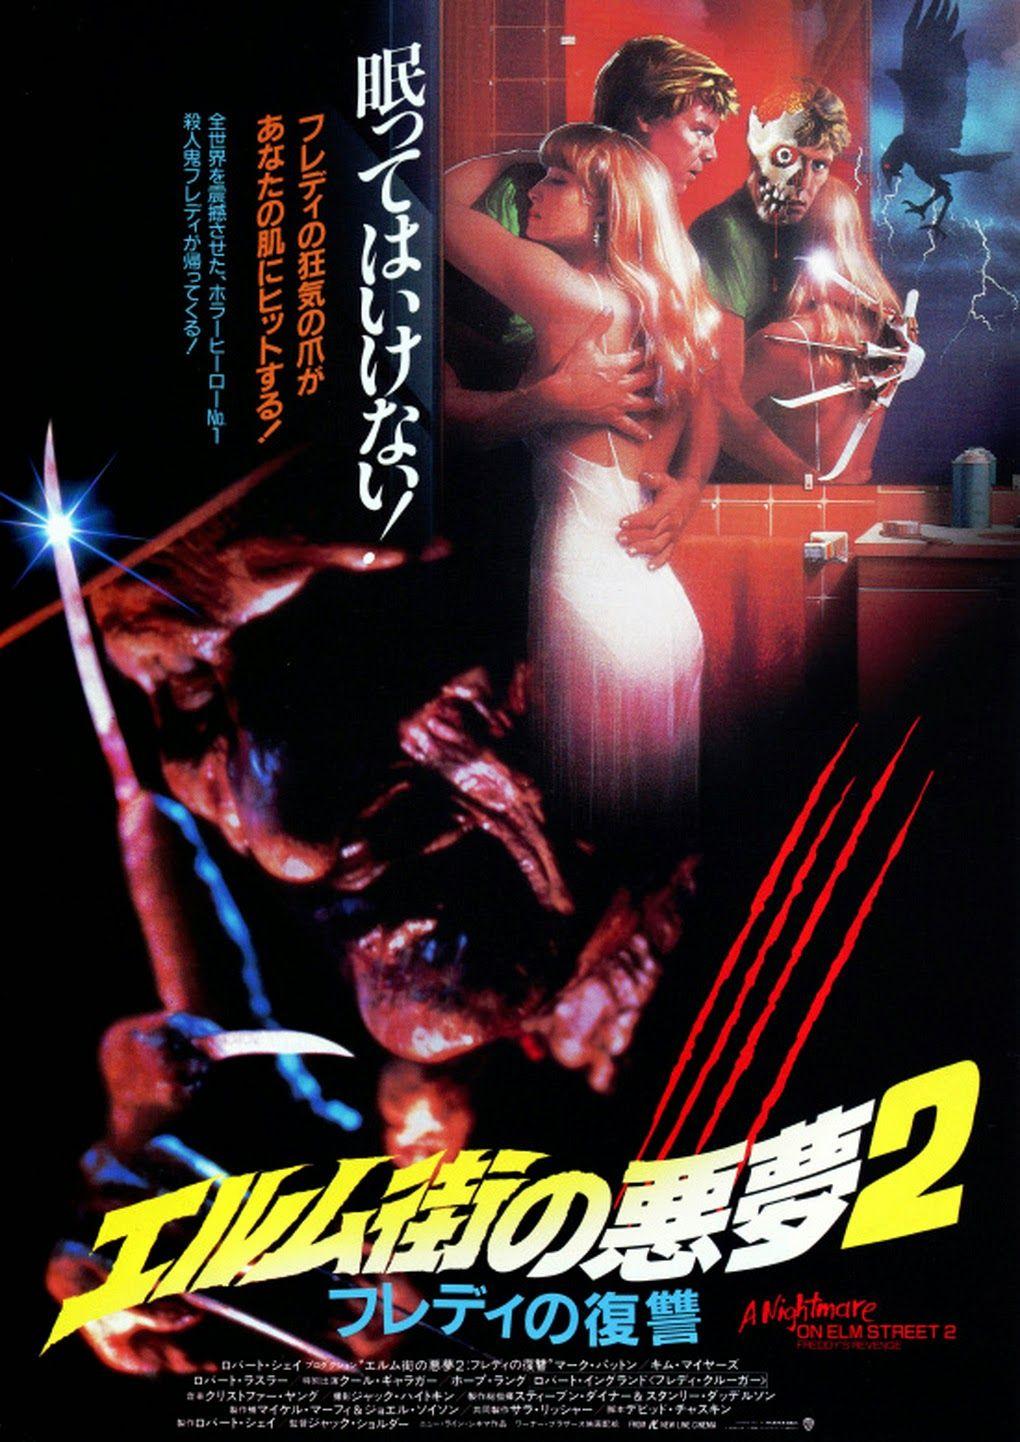 A Nightmare On Elm Street 2 Freddy S Revenge Dir Jack Sholder 1985 Japanese Poste Japanese Movie Poster Nightmare On Elm Street A Nightmare On Elm Street